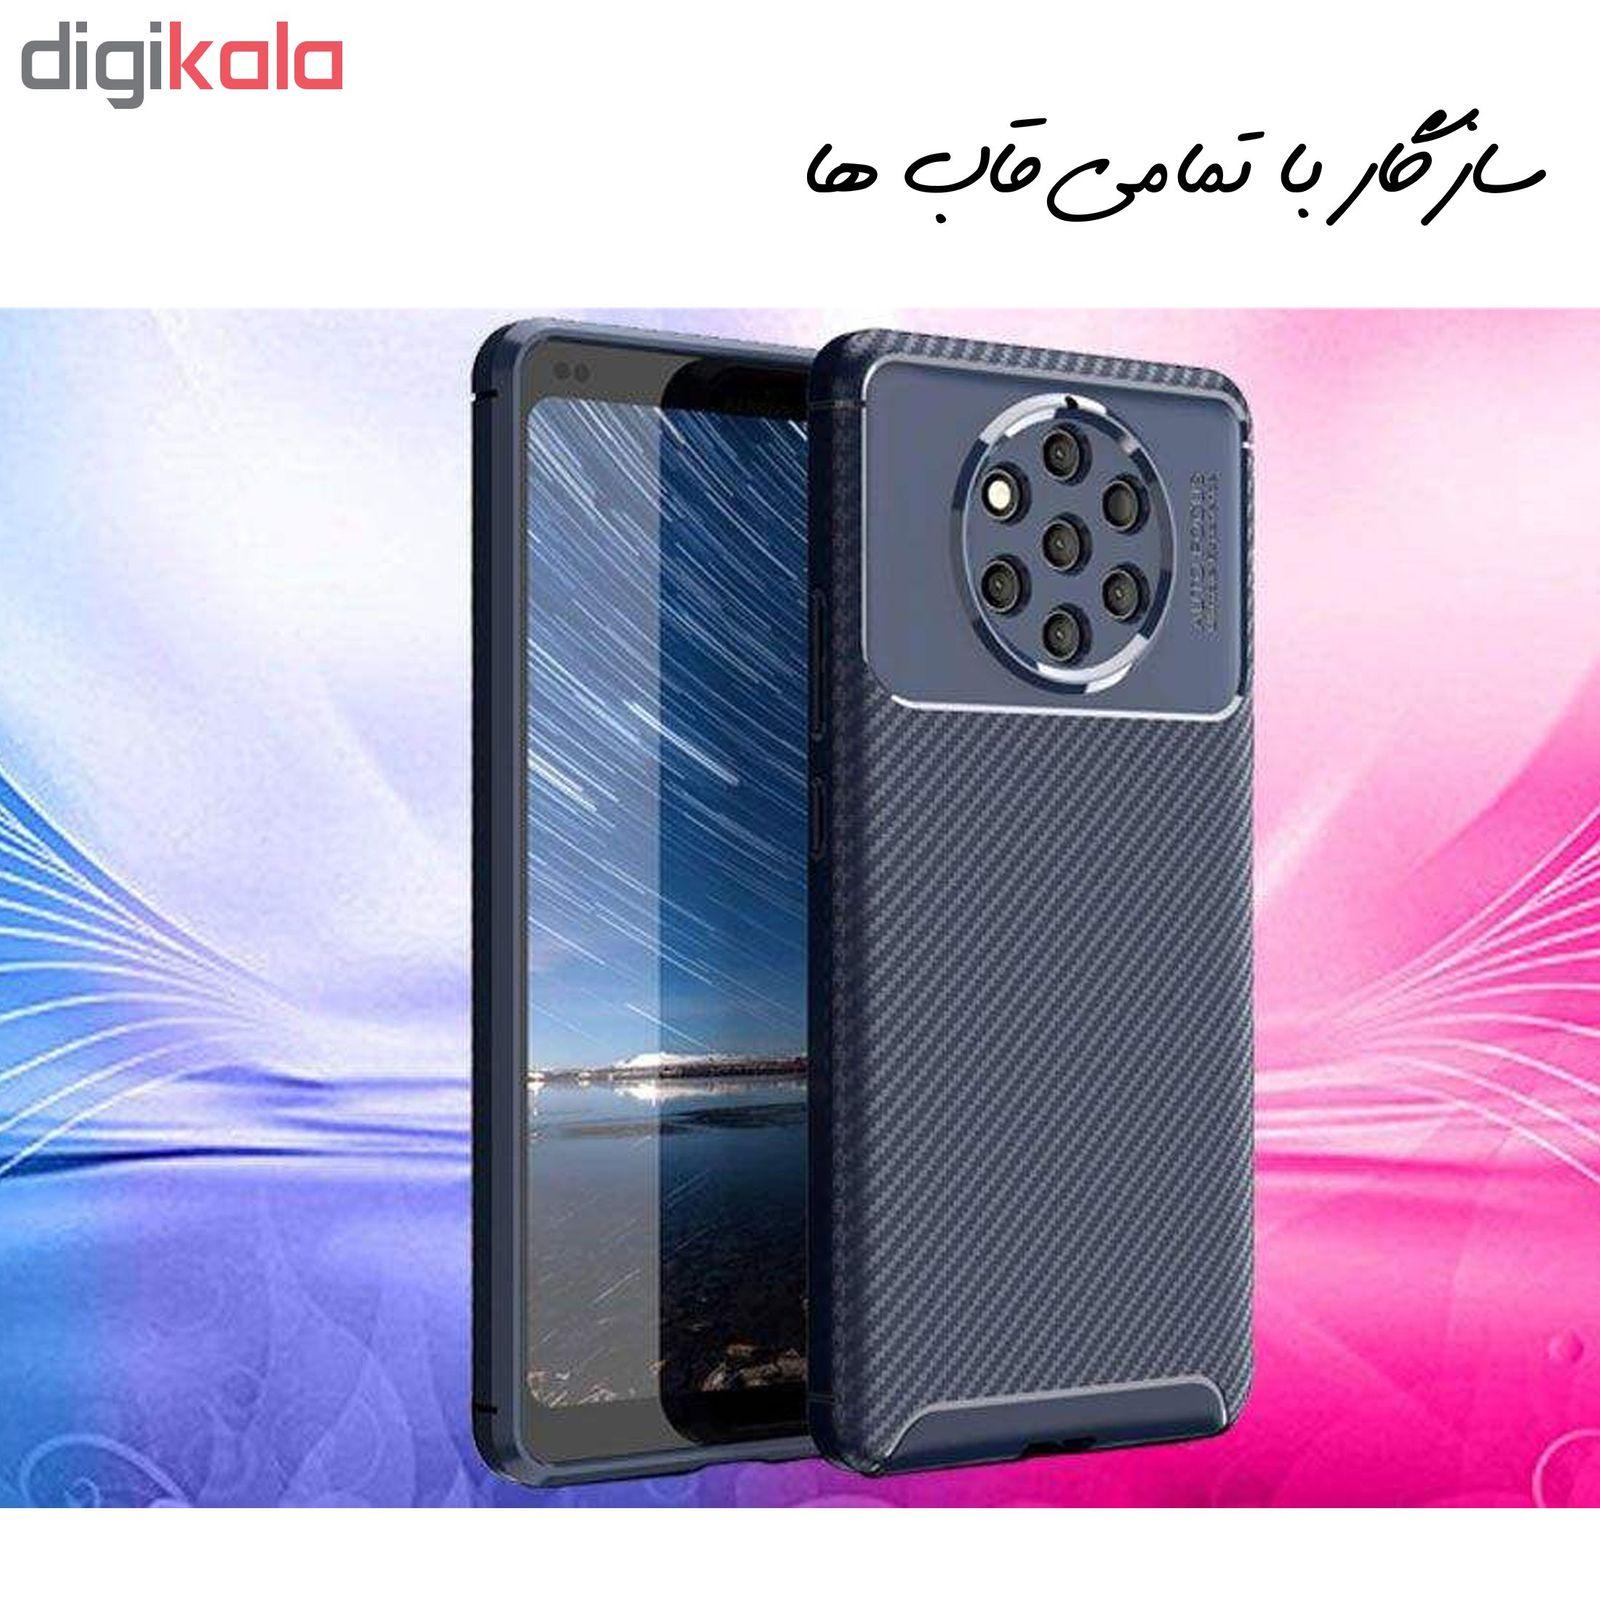 محافظ صفحه نمایش و پشت گوشی Hard and Thick مدل F-01 مناسب برای گوشی موبایل اپل Iphone X/Xs به همراه محافظ لنز دوربین main 1 9